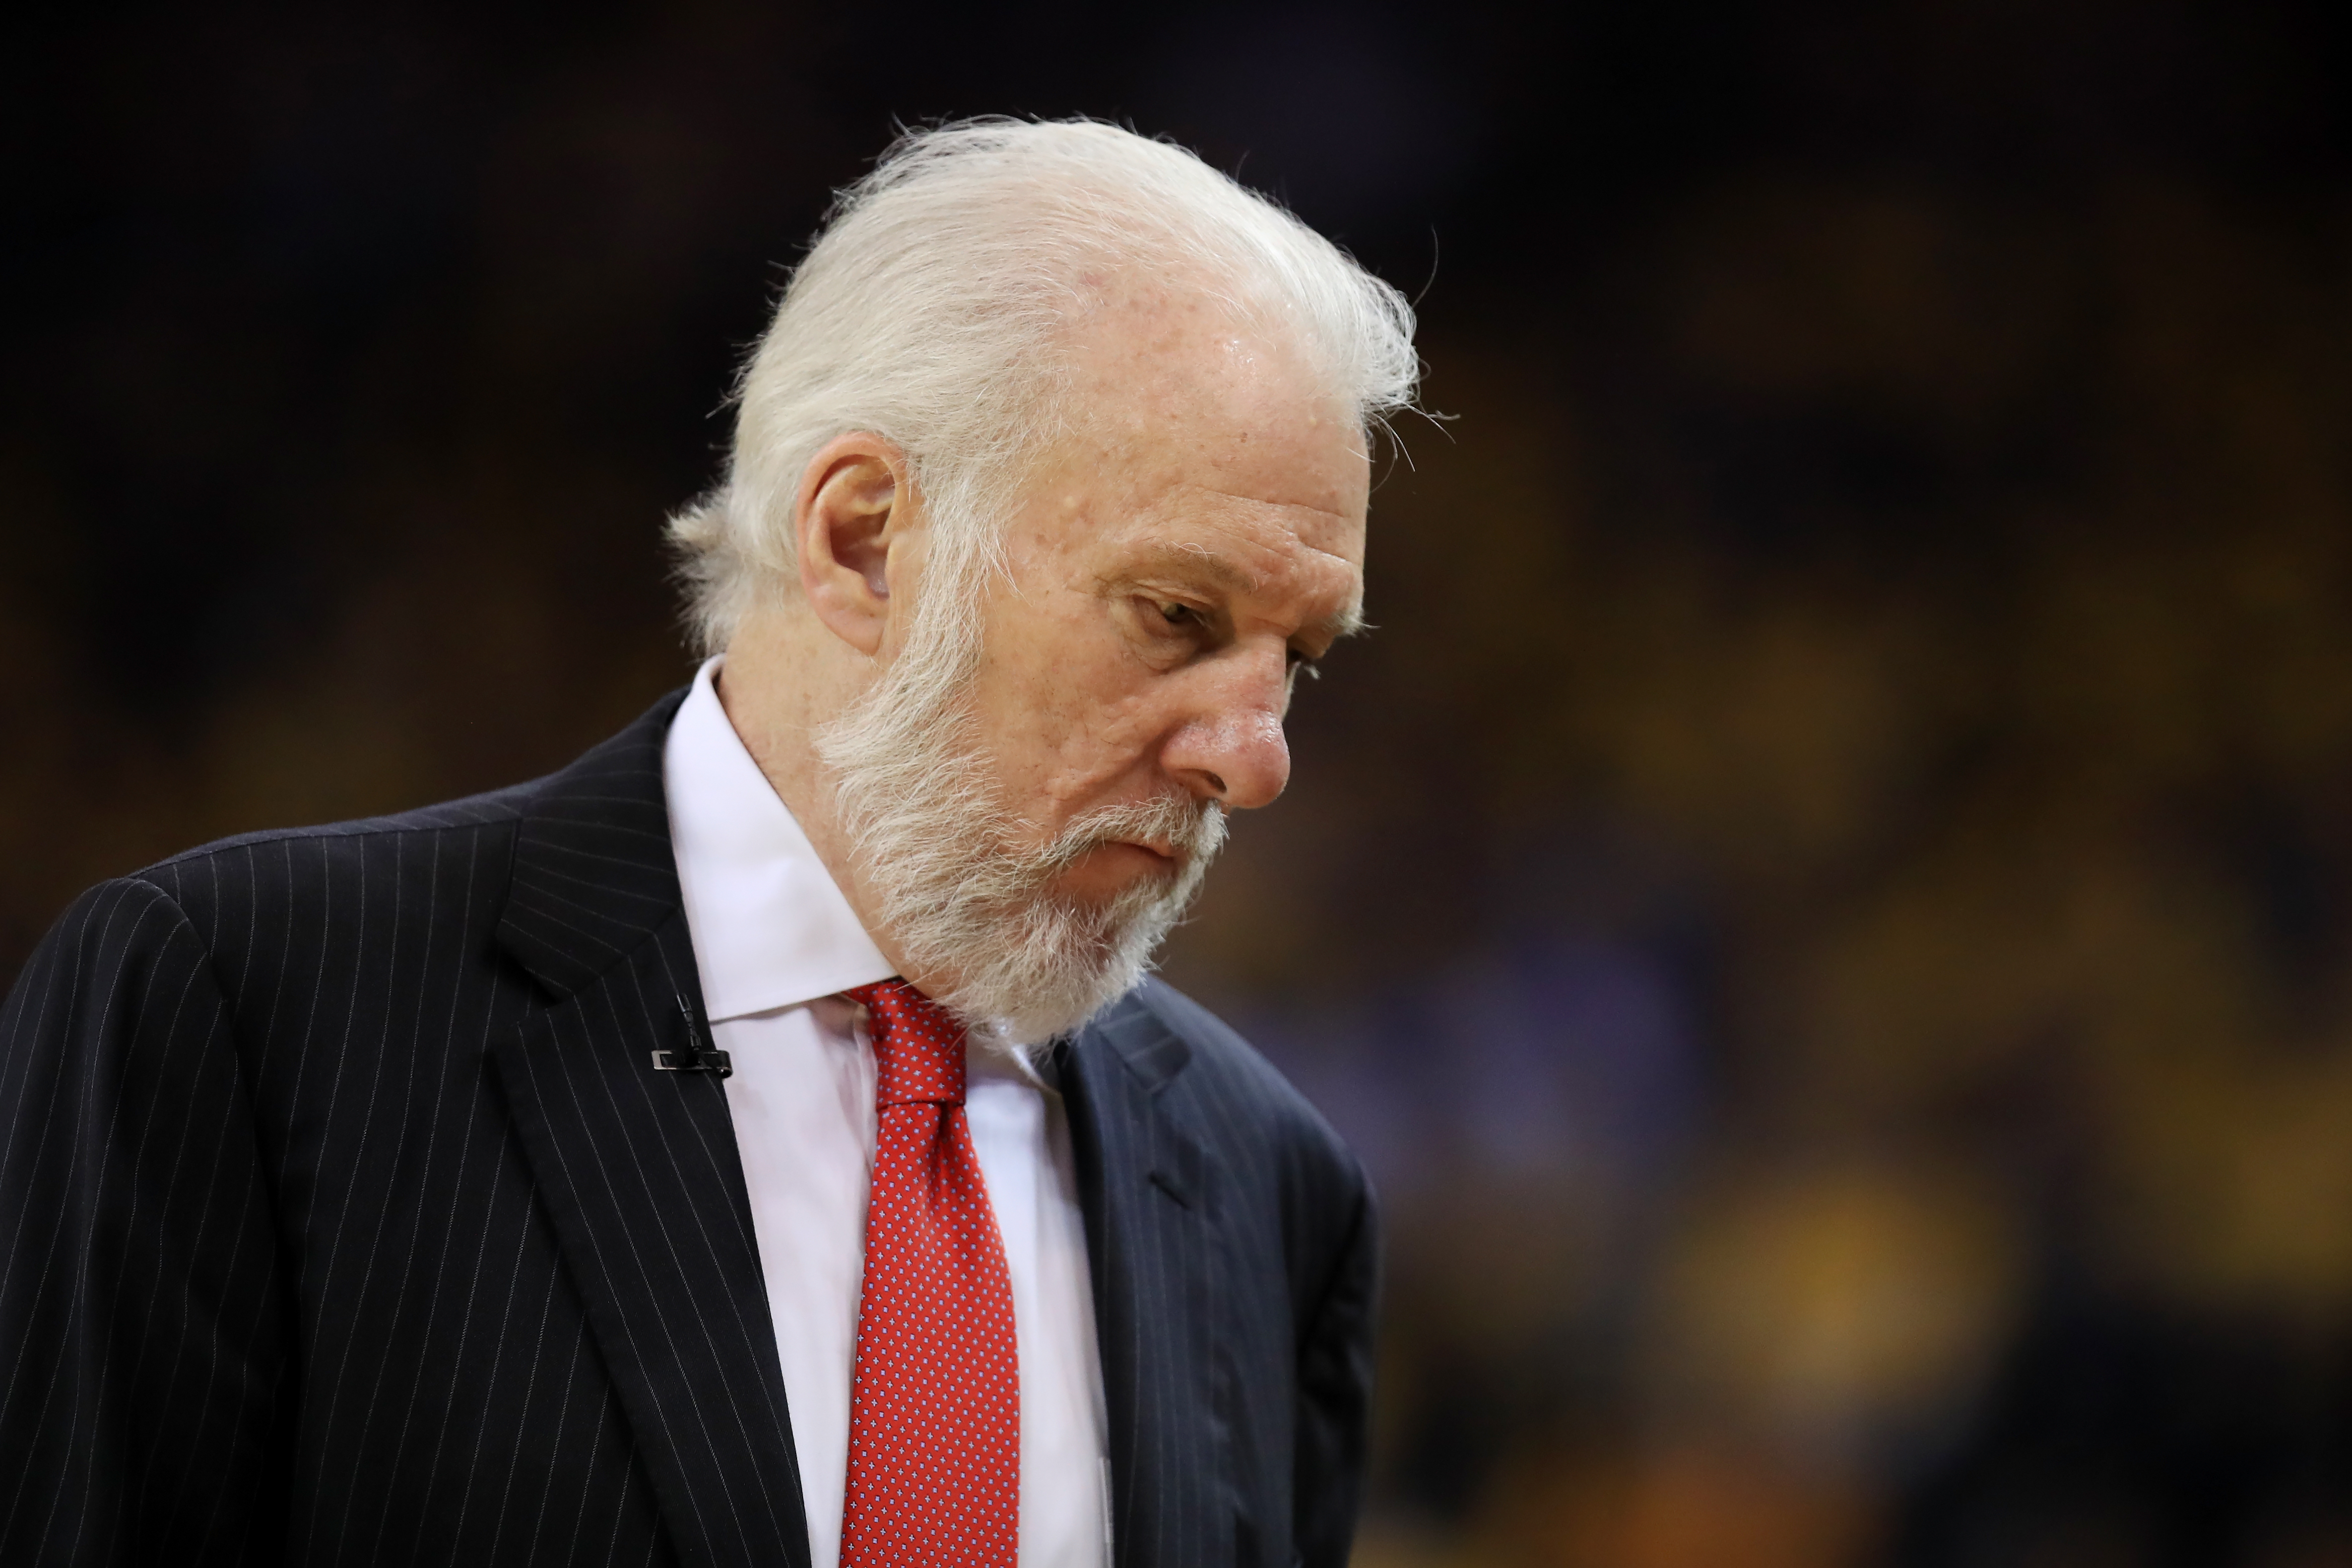 It's Time San Antonio Spurs Head Coach Gregg Popovich Had His Moment